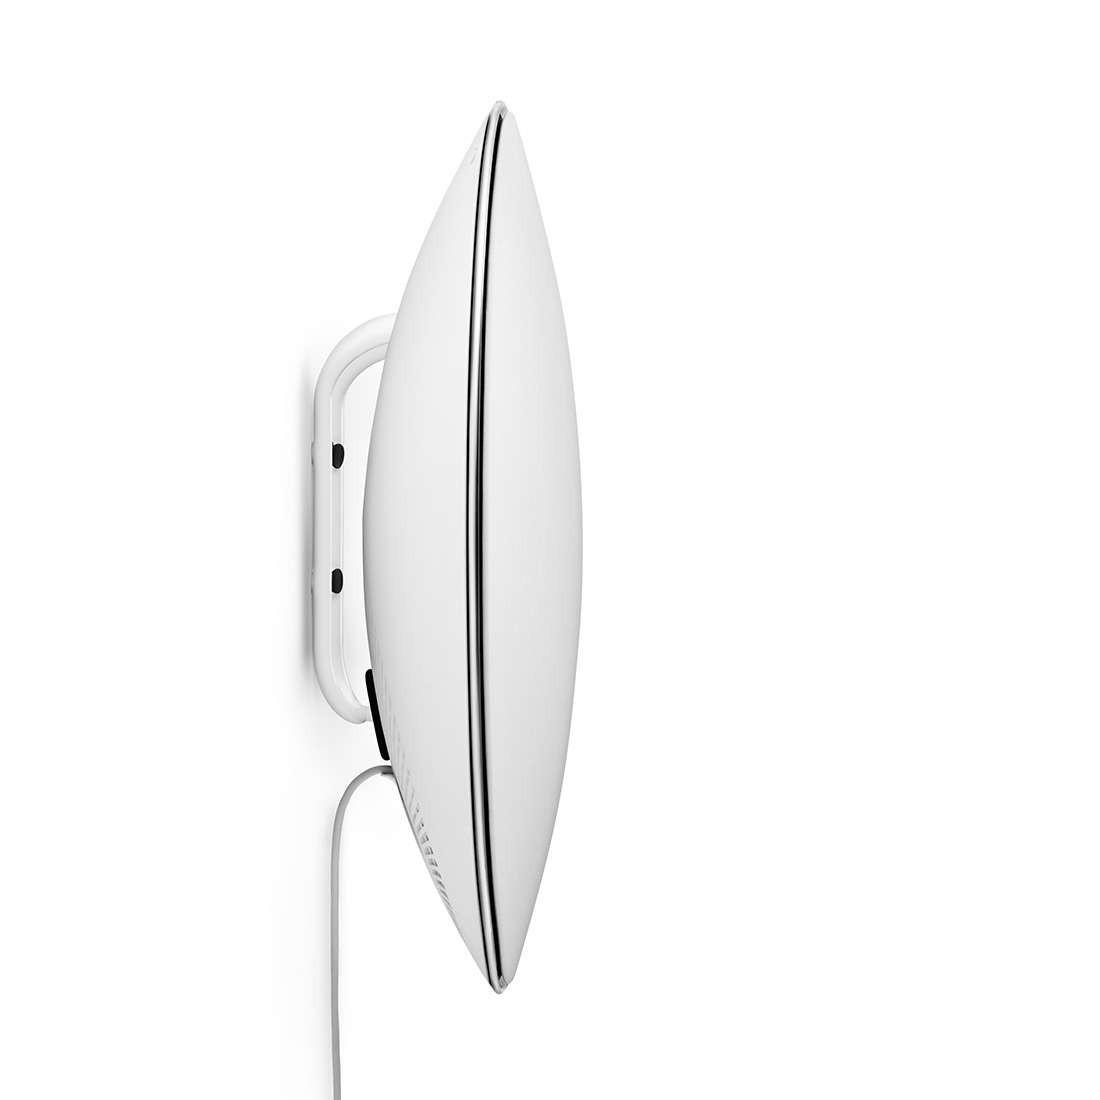 Wandhalterung für Beoplay A9 Musiksystem - Weiß